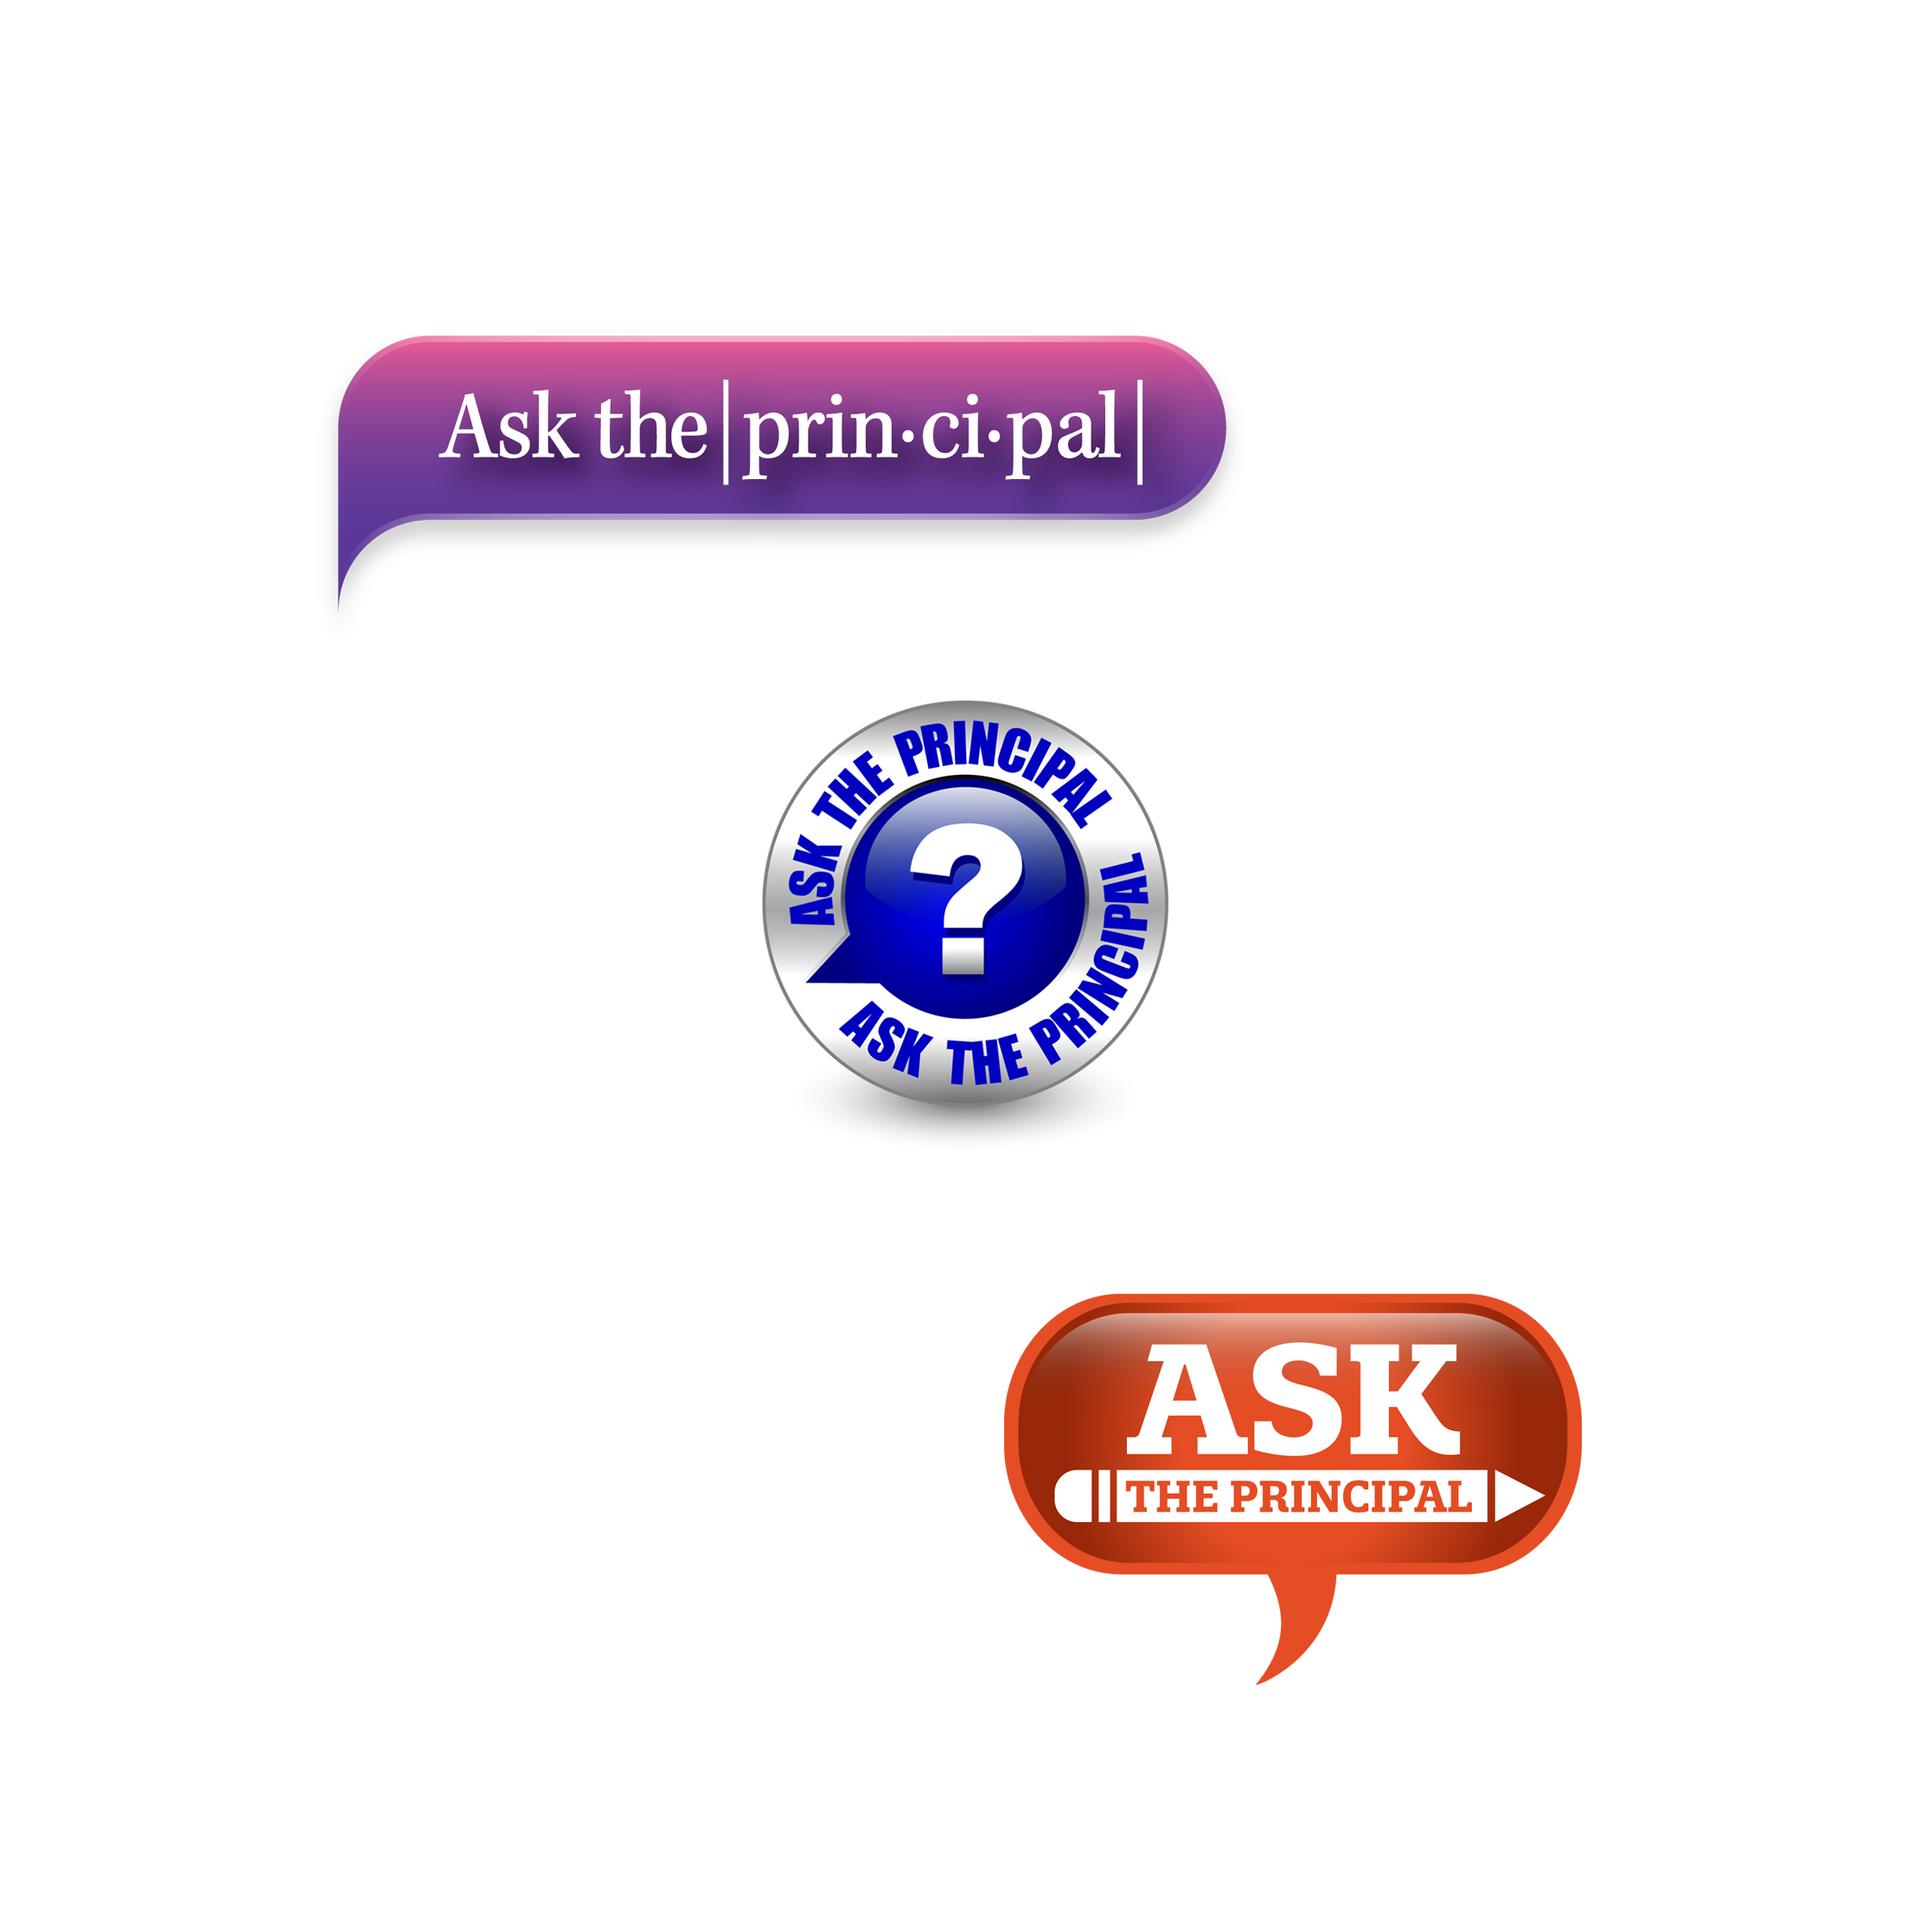 AskthePrinc.png